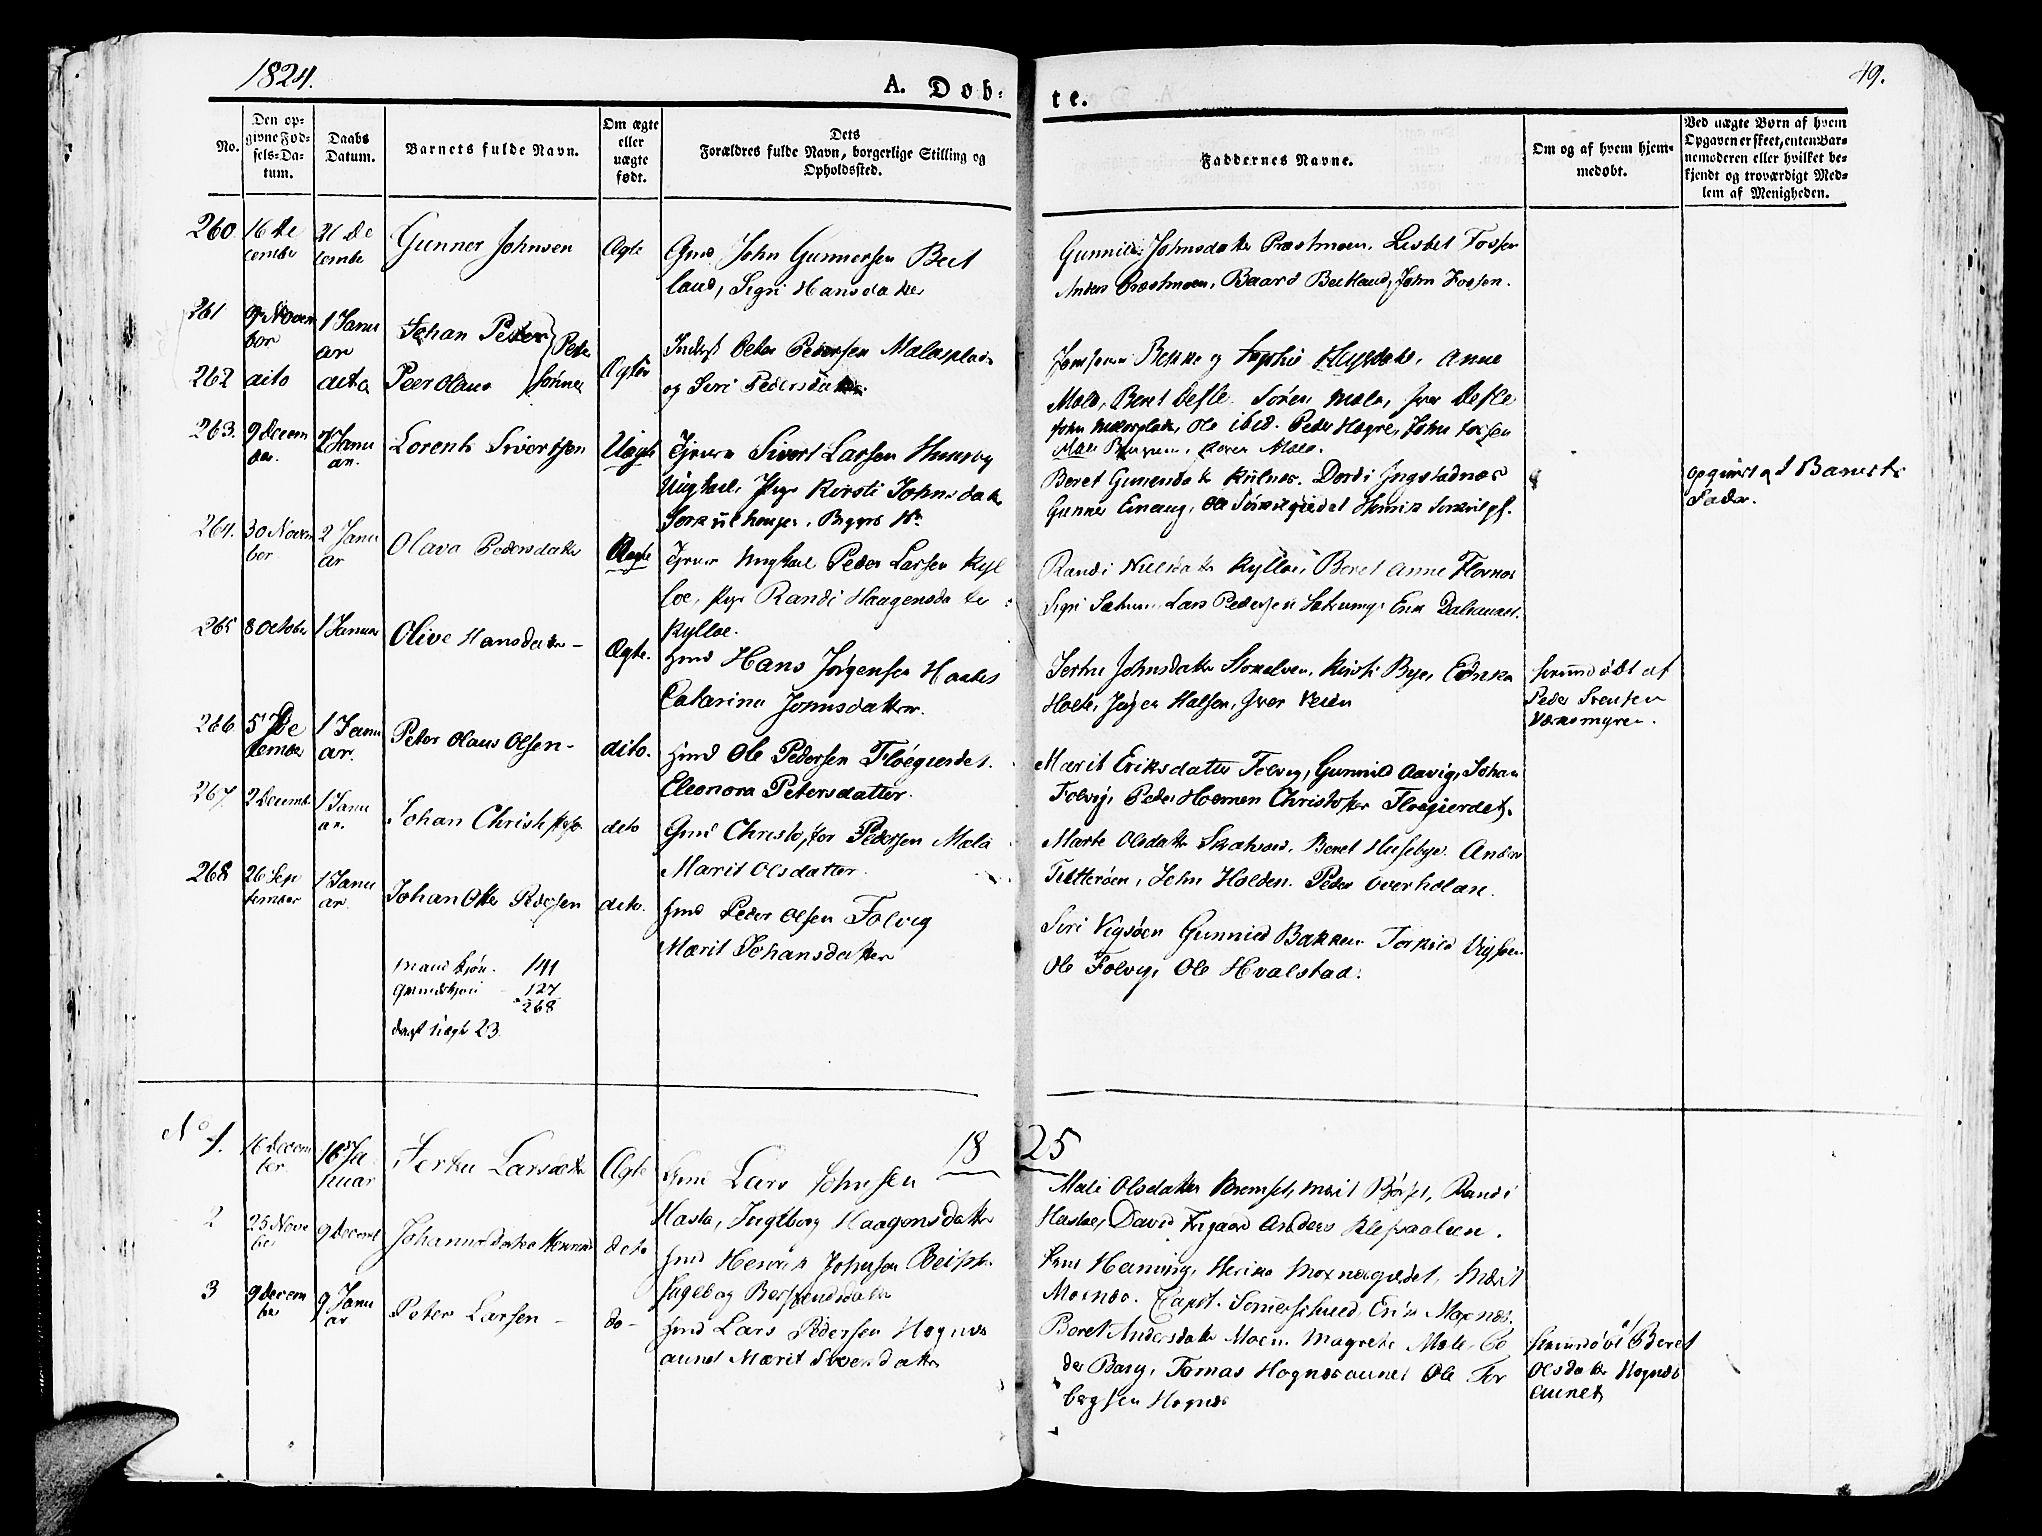 SAT, Ministerialprotokoller, klokkerbøker og fødselsregistre - Nord-Trøndelag, 709/L0070: Ministerialbok nr. 709A10, 1820-1832, s. 49